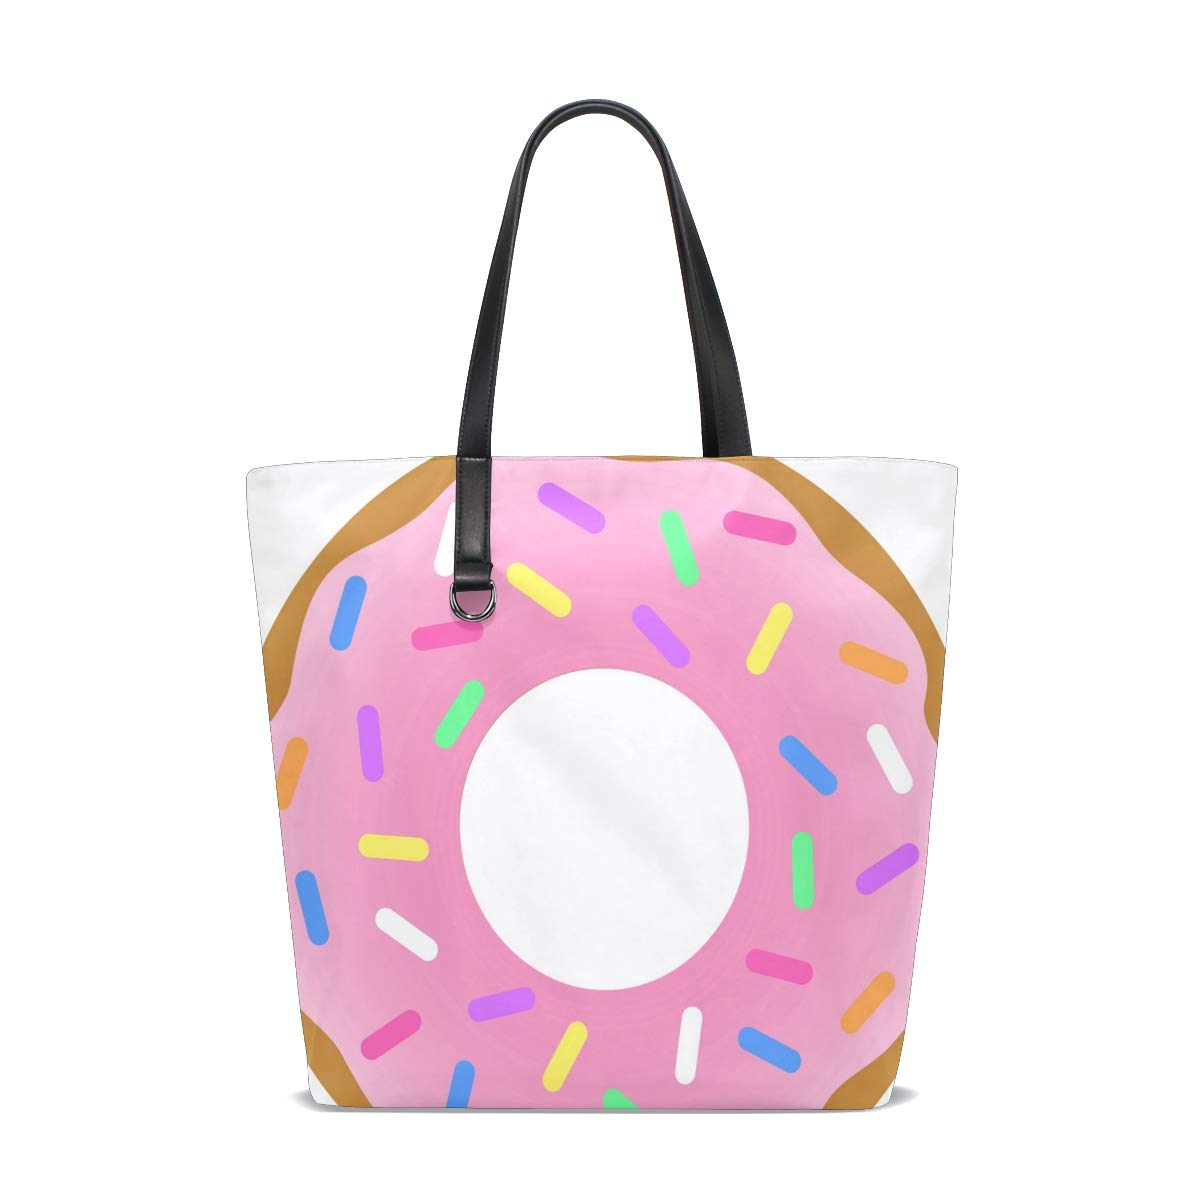 Amazon.com : Donut Art Tote Bag Purse Handbag Womens Gym ...